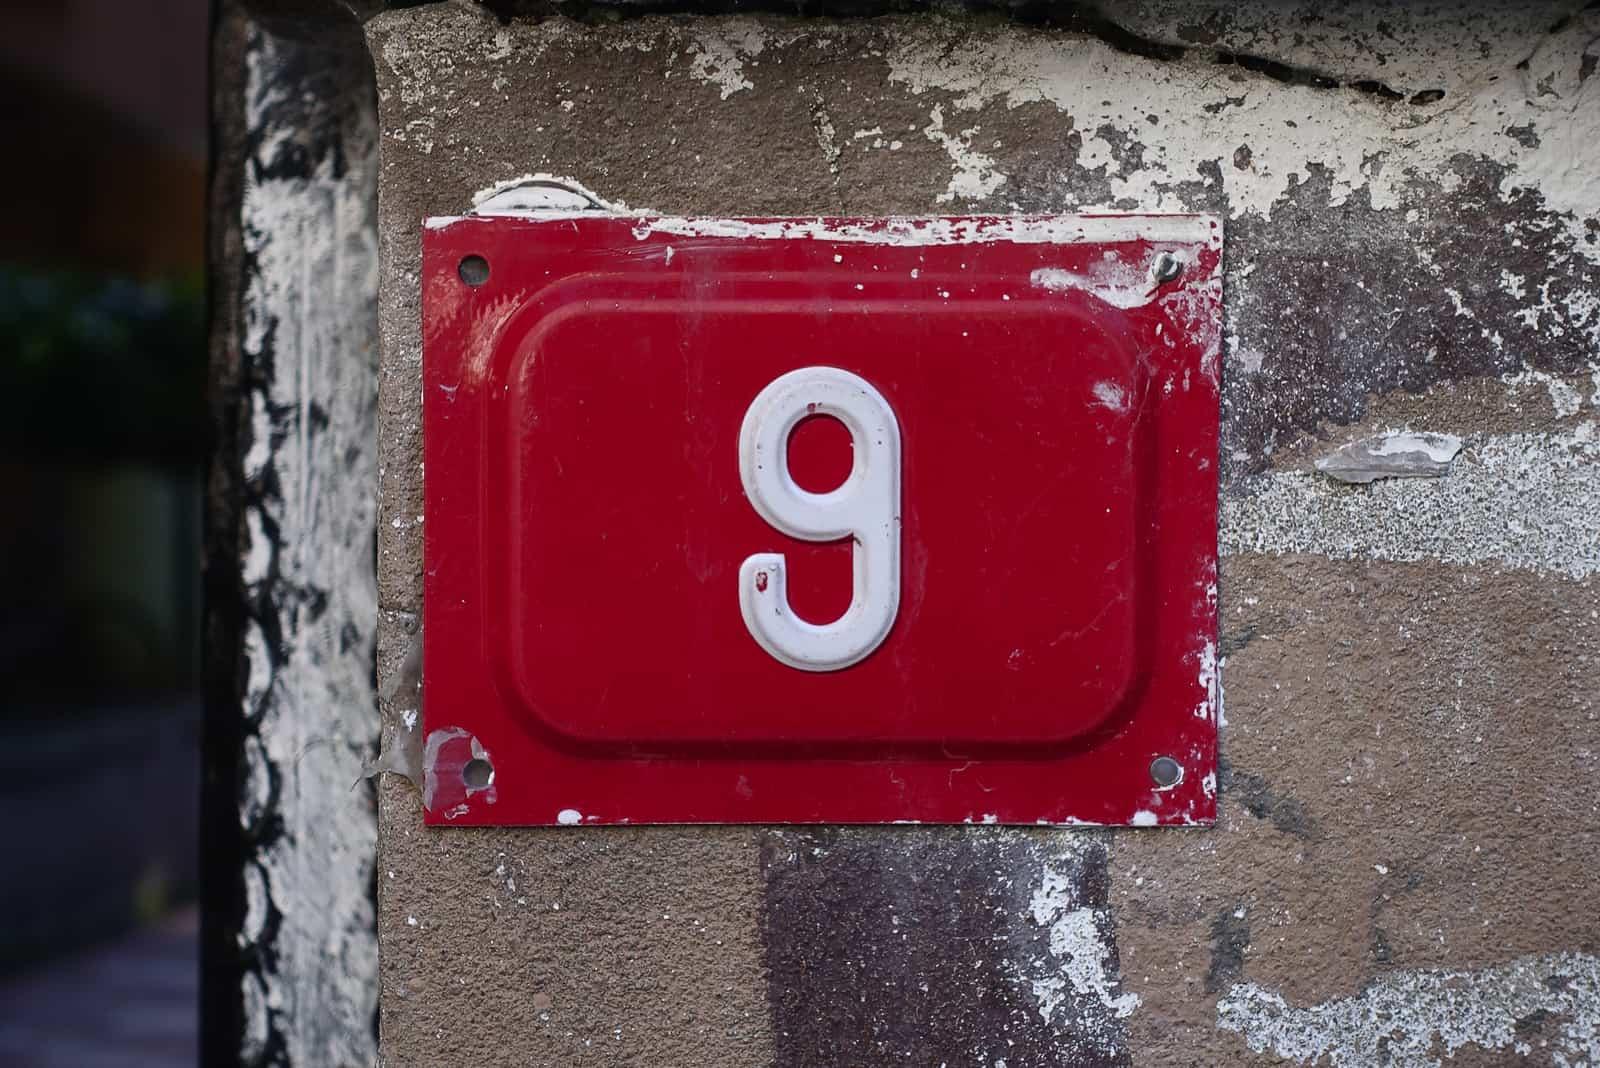 Nummer 9 auf rotem Grund des Hauses